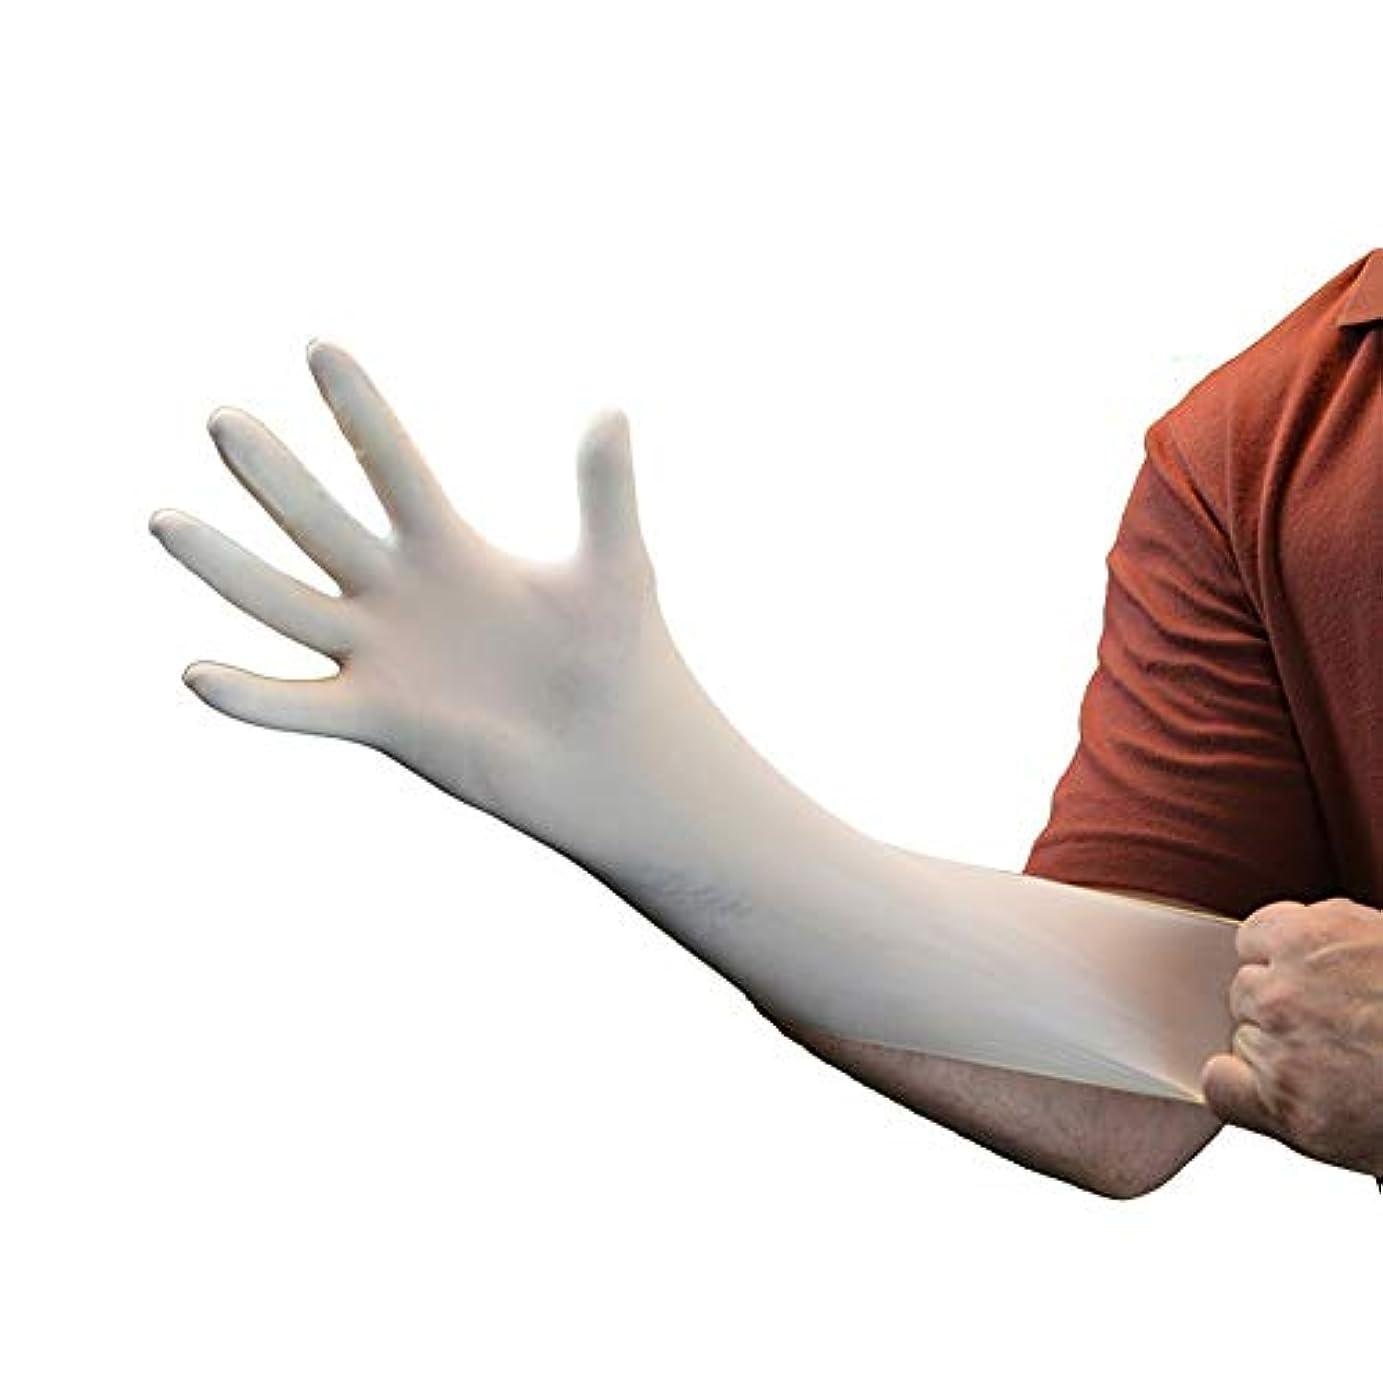 弾力性のある余韻尊敬する使い捨てラテックス手袋 - パウダーフリーの歯科技工所労働保護製品をマッサージ YANW (Color : White, Size : XS)